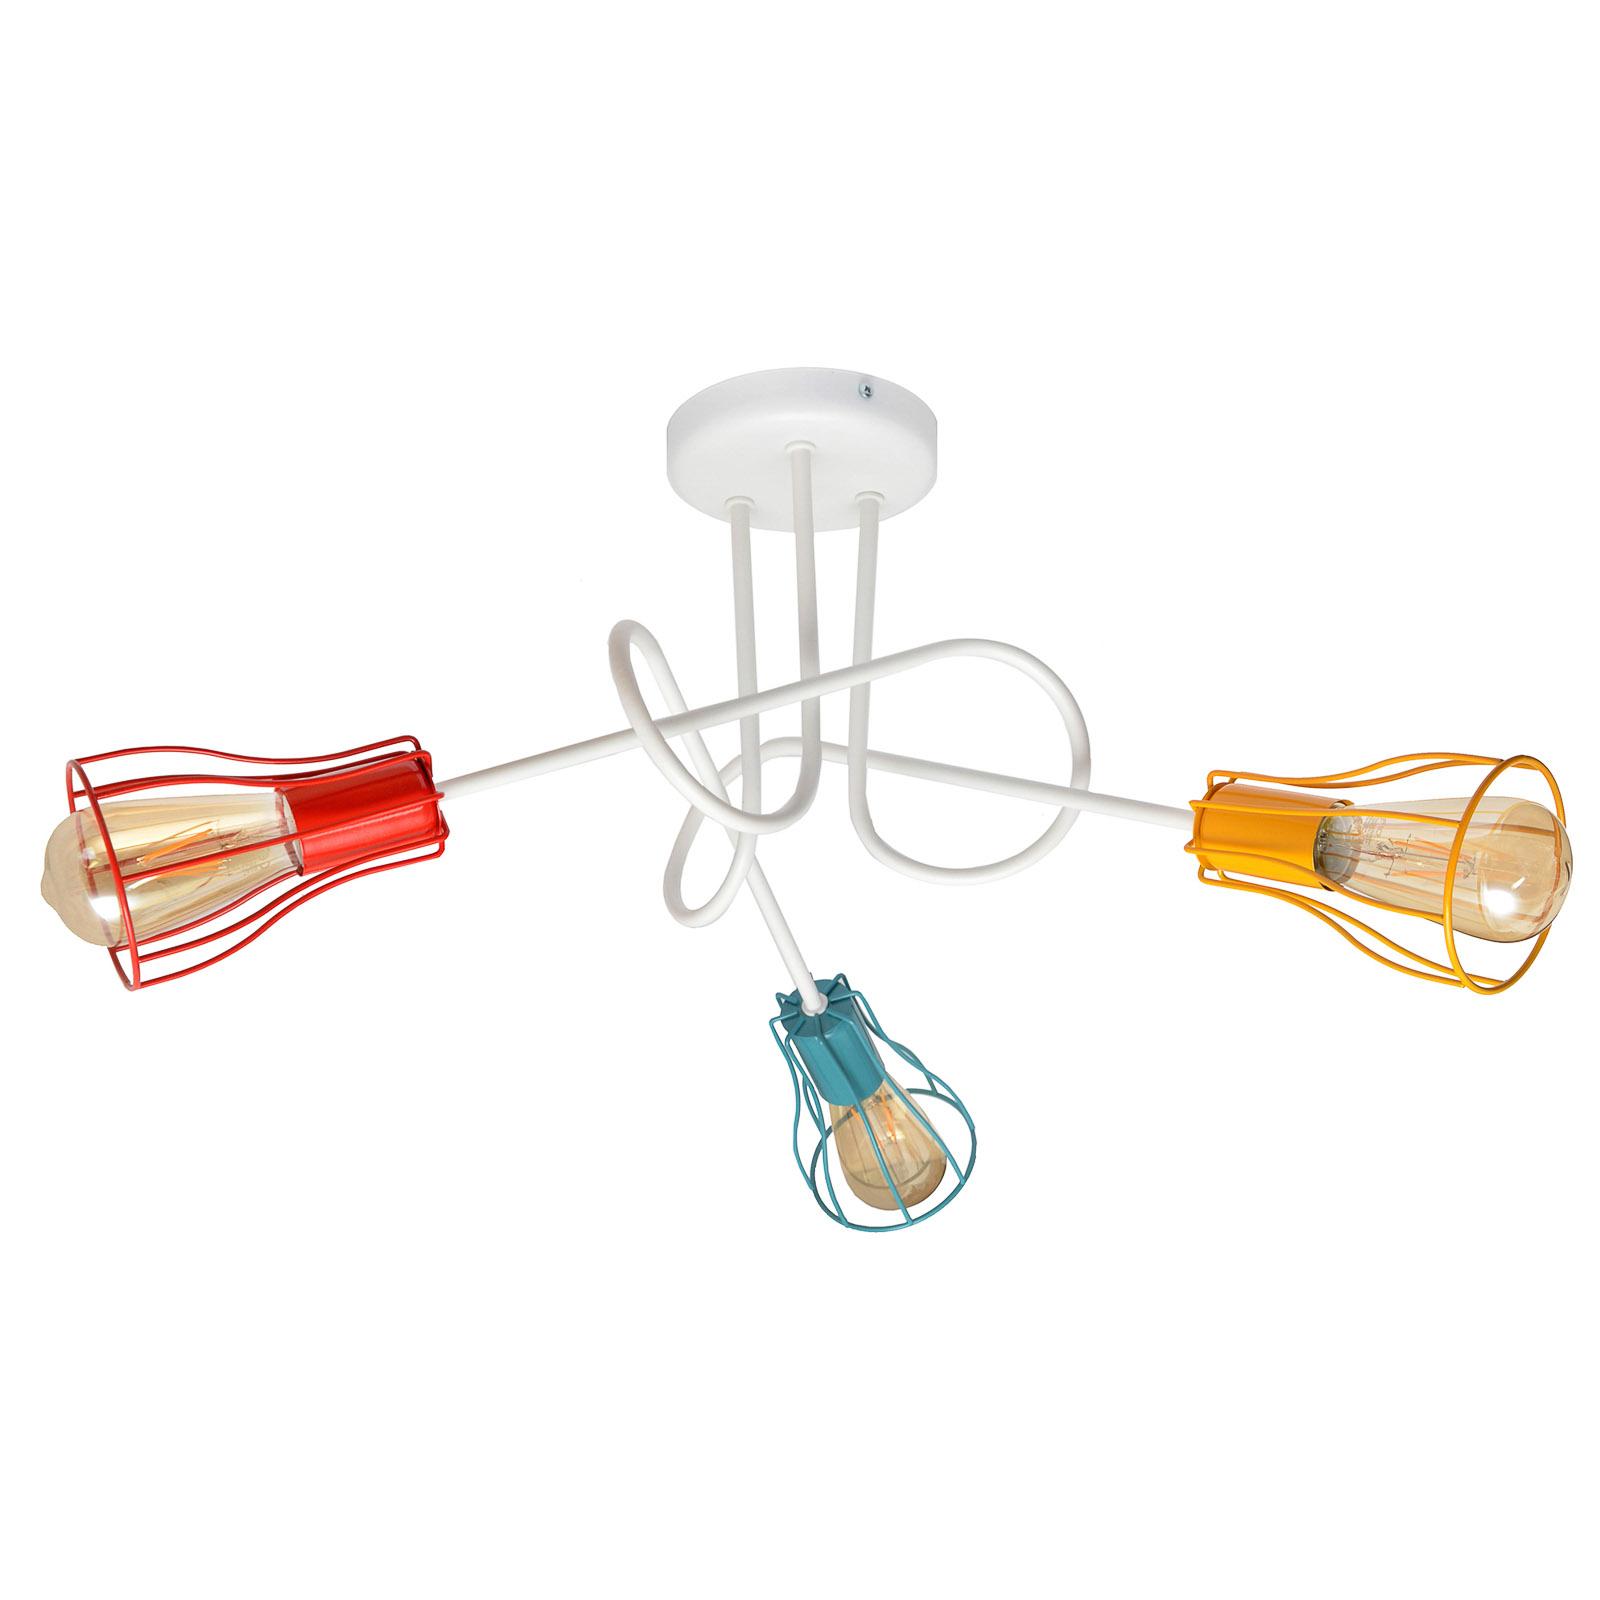 Taklampe Oxford, 3 lyskilder, rund, fargerik